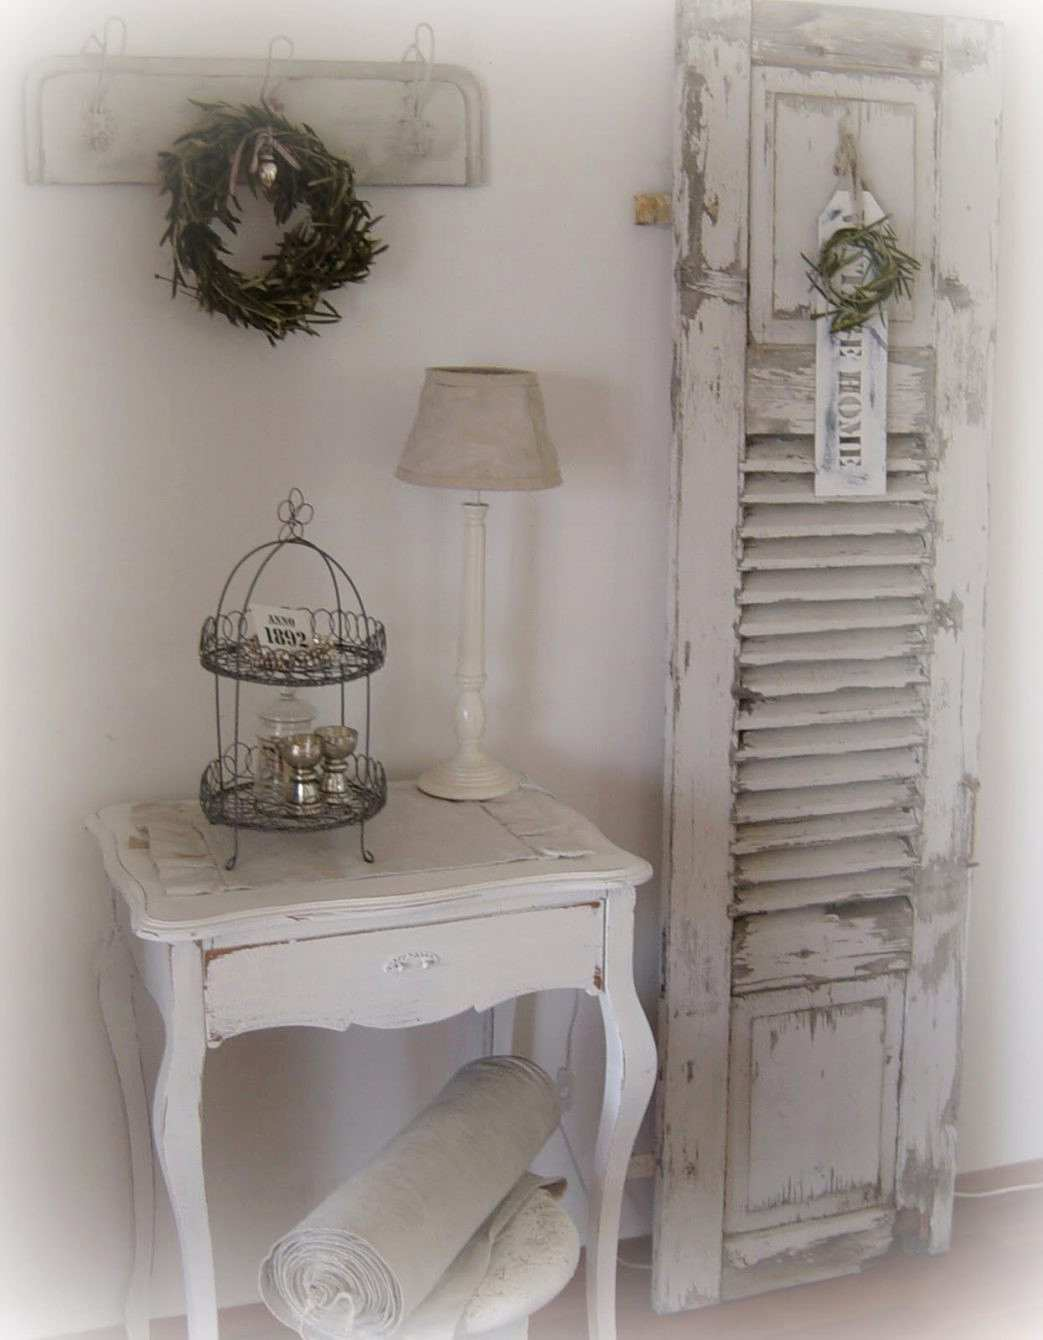 deko ideen fur wohnzimmer frisch wanddeko fur wohnzimmer neu 100 shabby chic deko selber of deko ideen fur wohnzimmer